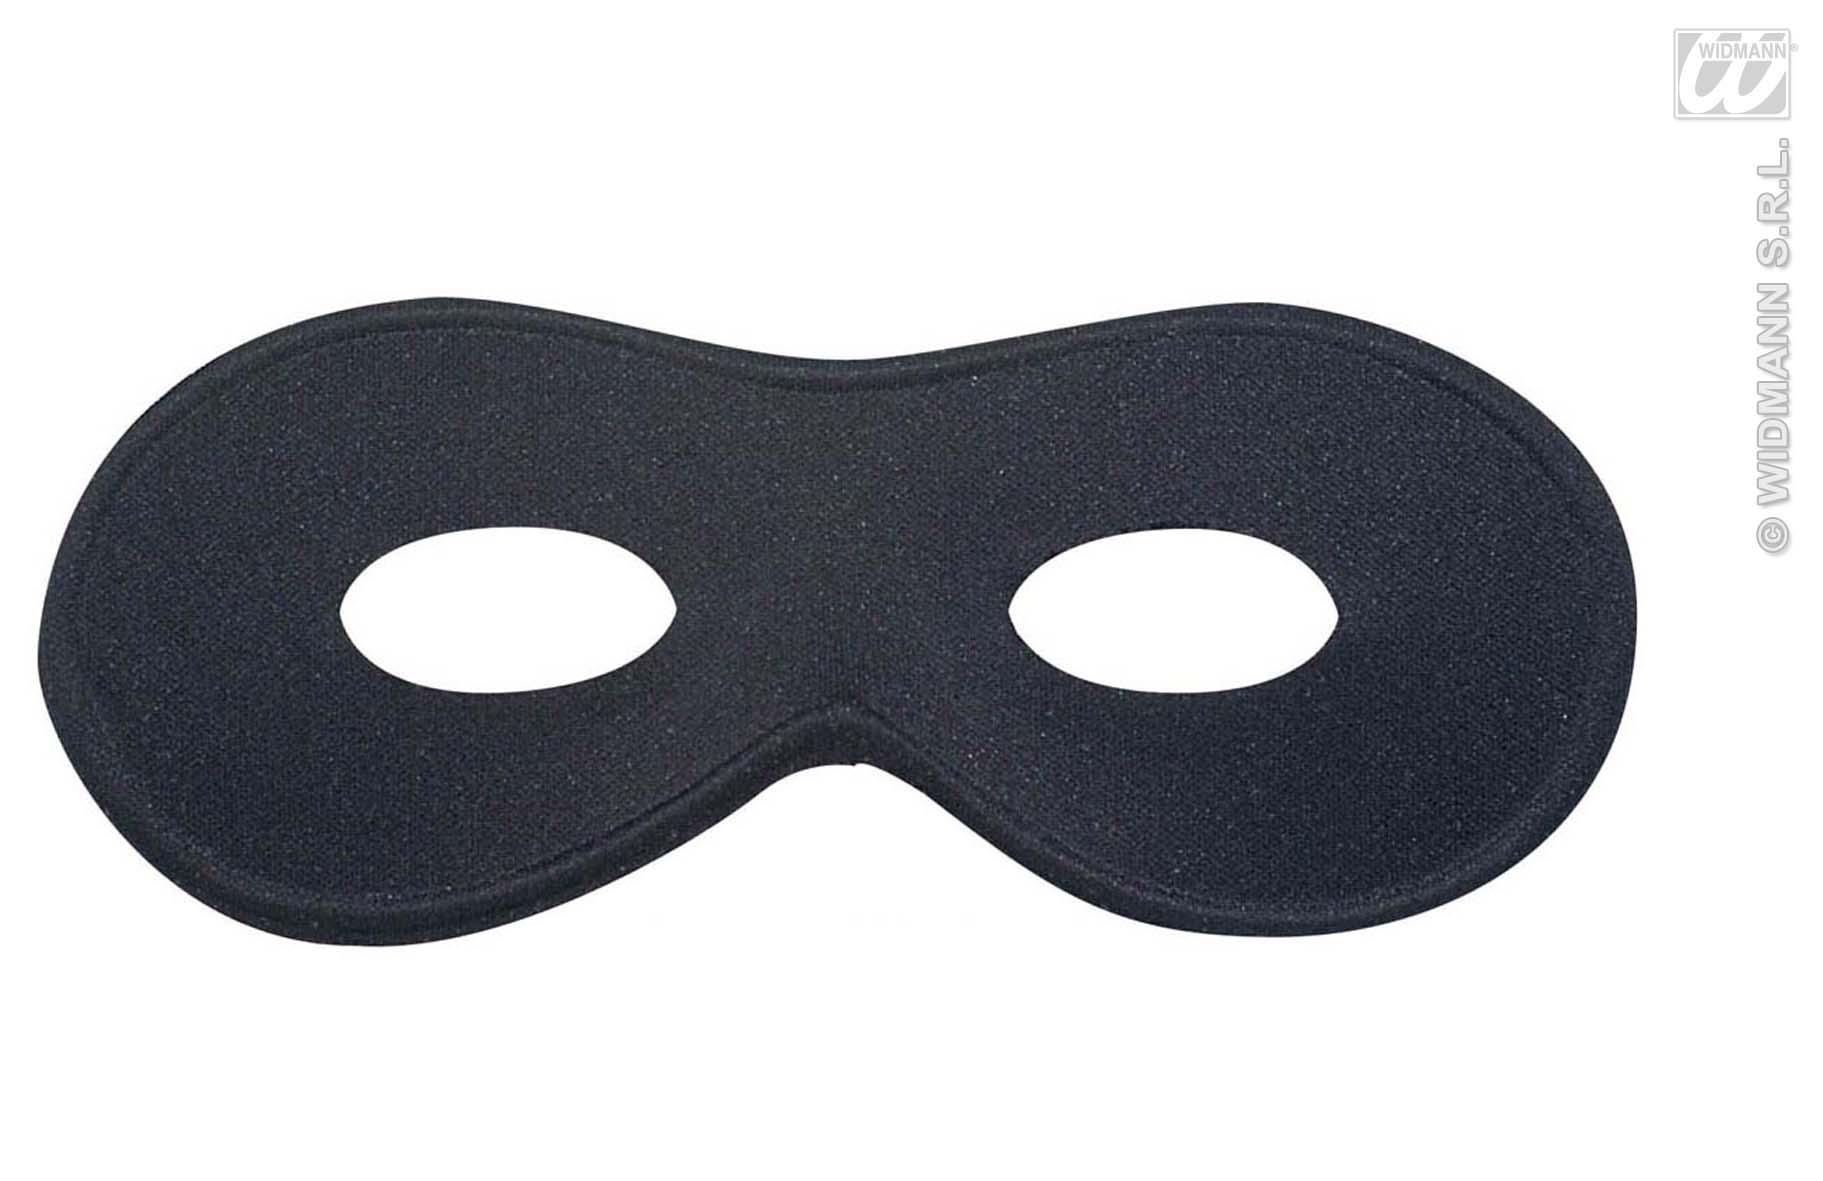 Schwarze Augenmaske, Pirat, Banditen, Gangster Cowboy, Erwachsene